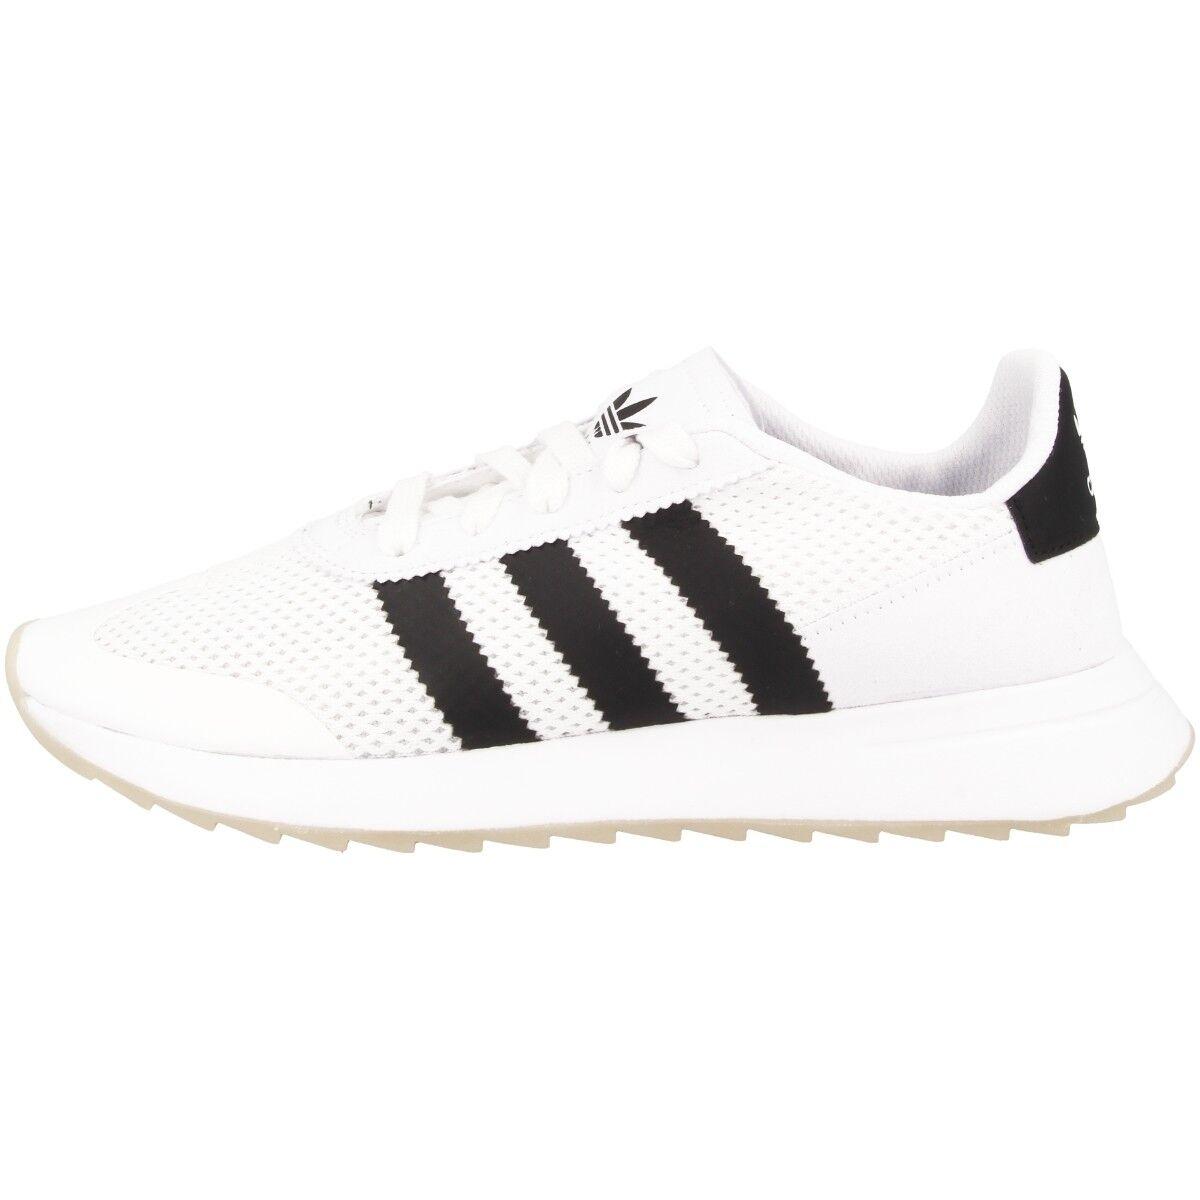 ADIDAS FLB donna Scarpe Da Donna Originals scarpe da ginnastica Scarpe da ginnastica bianca nero ba7760